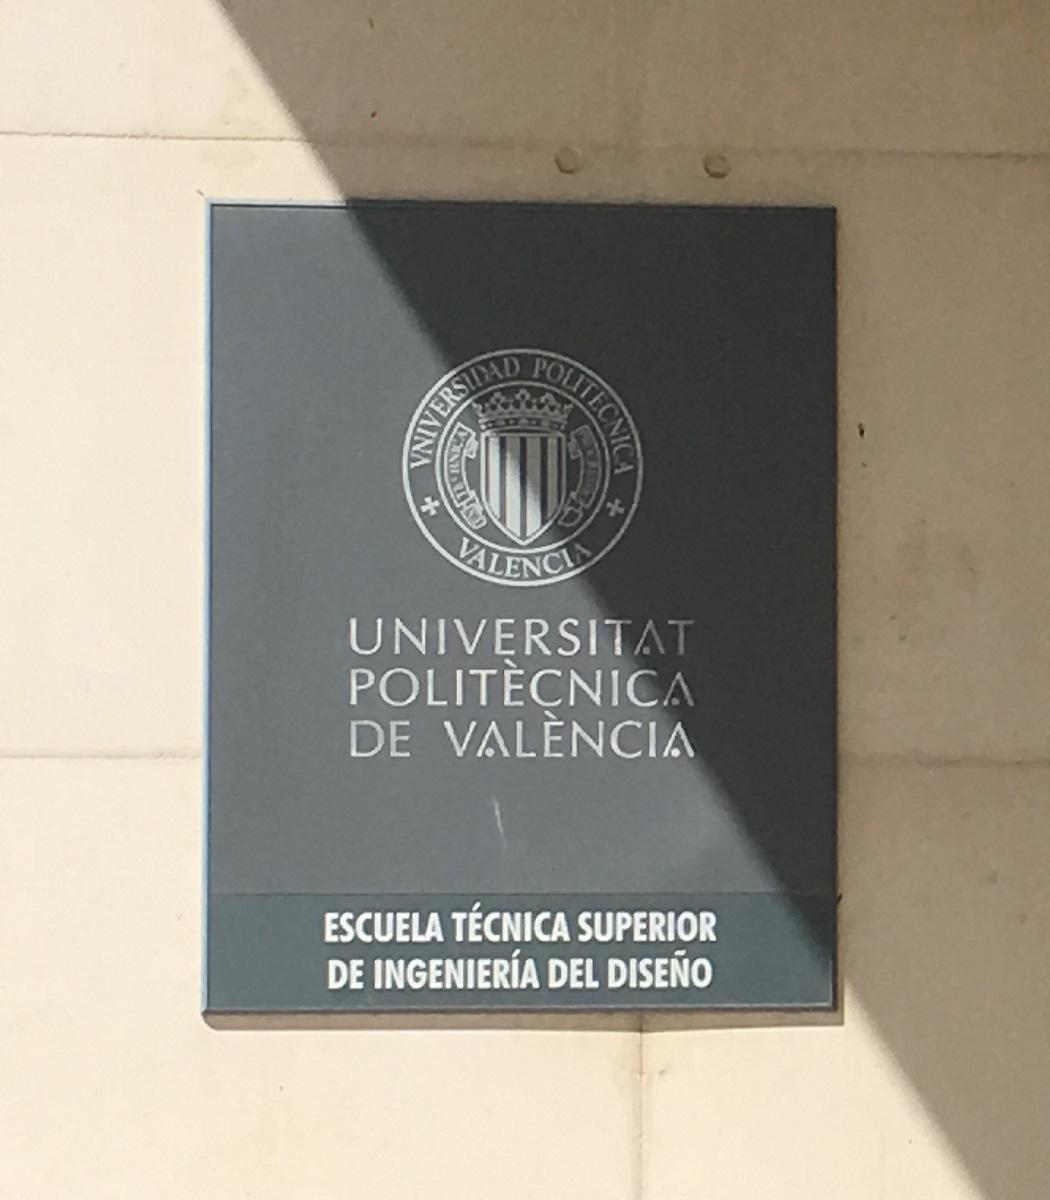 Политехнический университет Валенсии (Universitat Politecnica de Valencia (UPV))